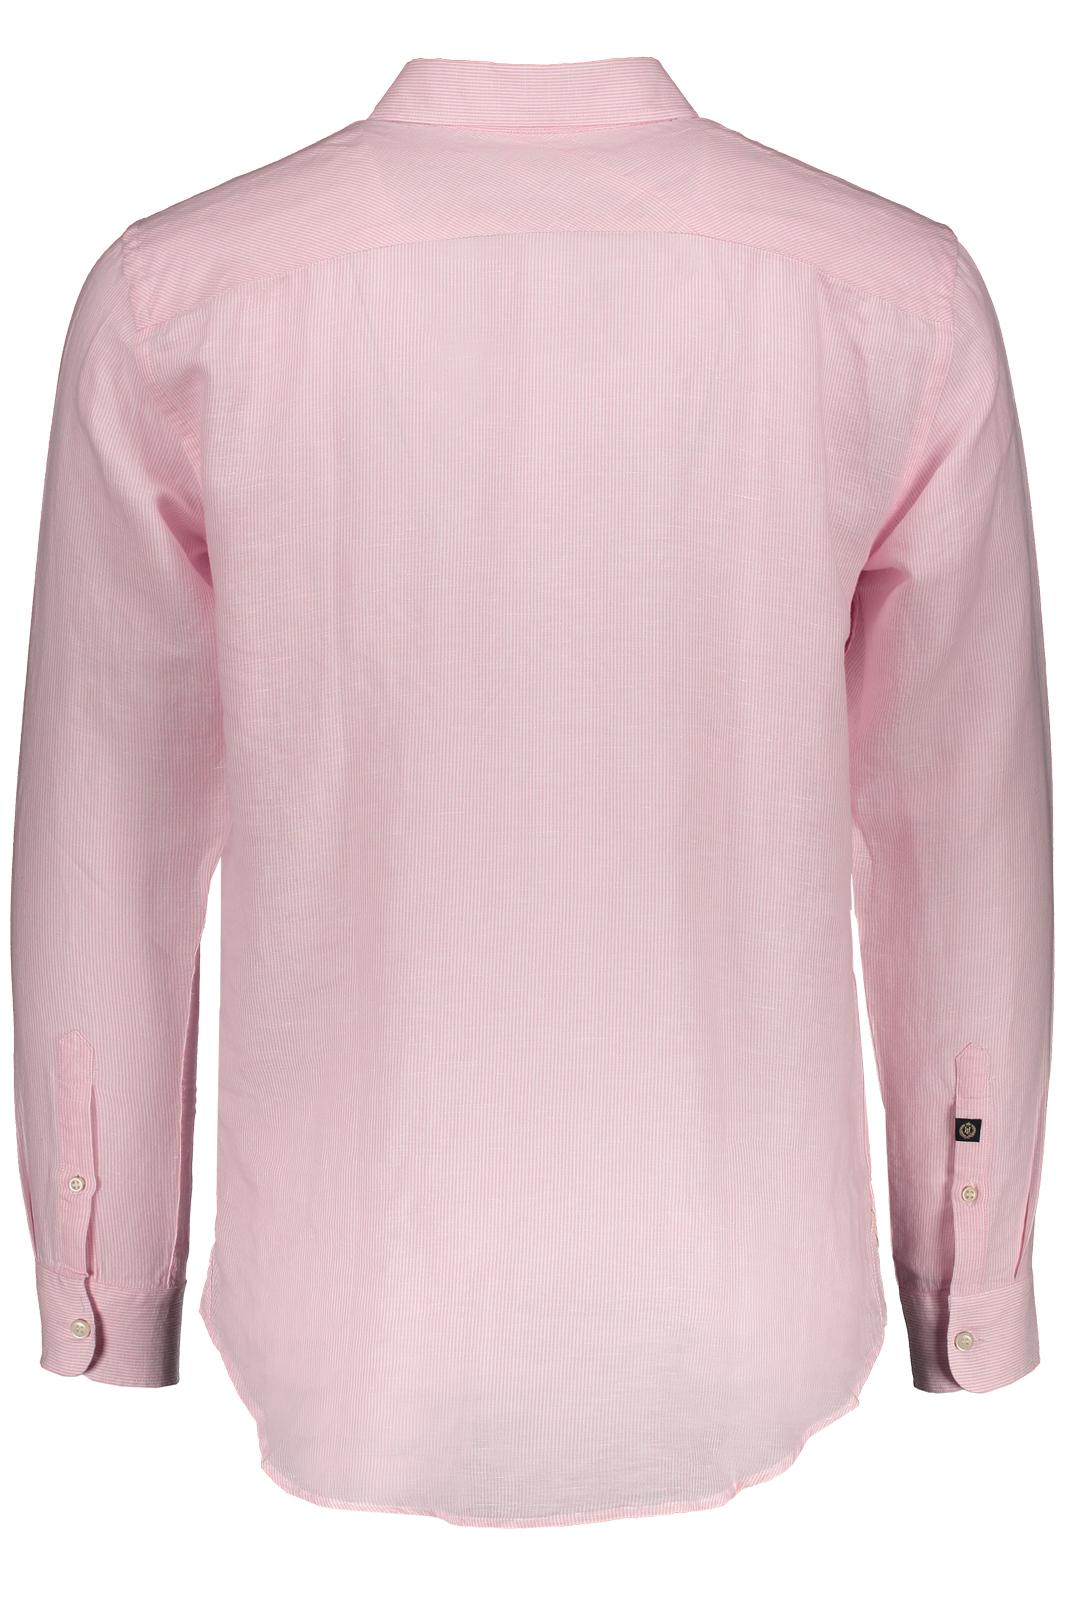 kvalitet ny livsstil separationsskor HENRI LLOYD | Oban Linen Stripe Regular Shirt | RetailPro | MÄRKESKLÄD